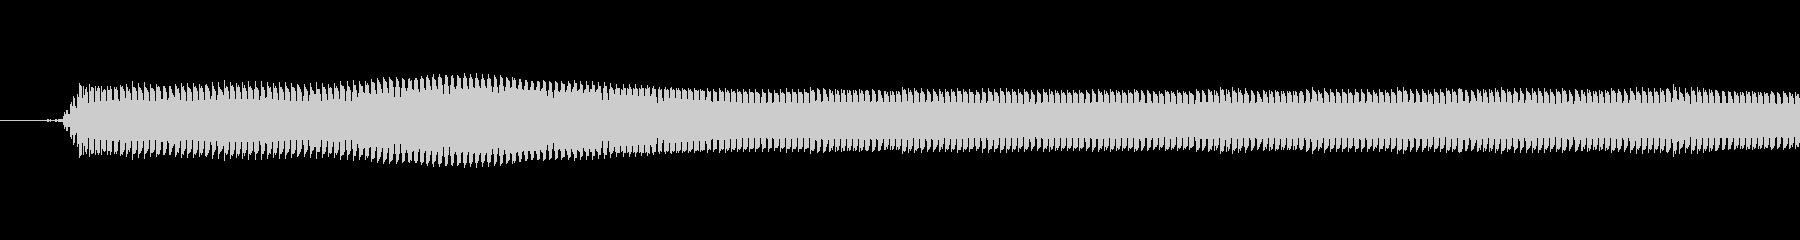 小さい高音のブザーの未再生の波形